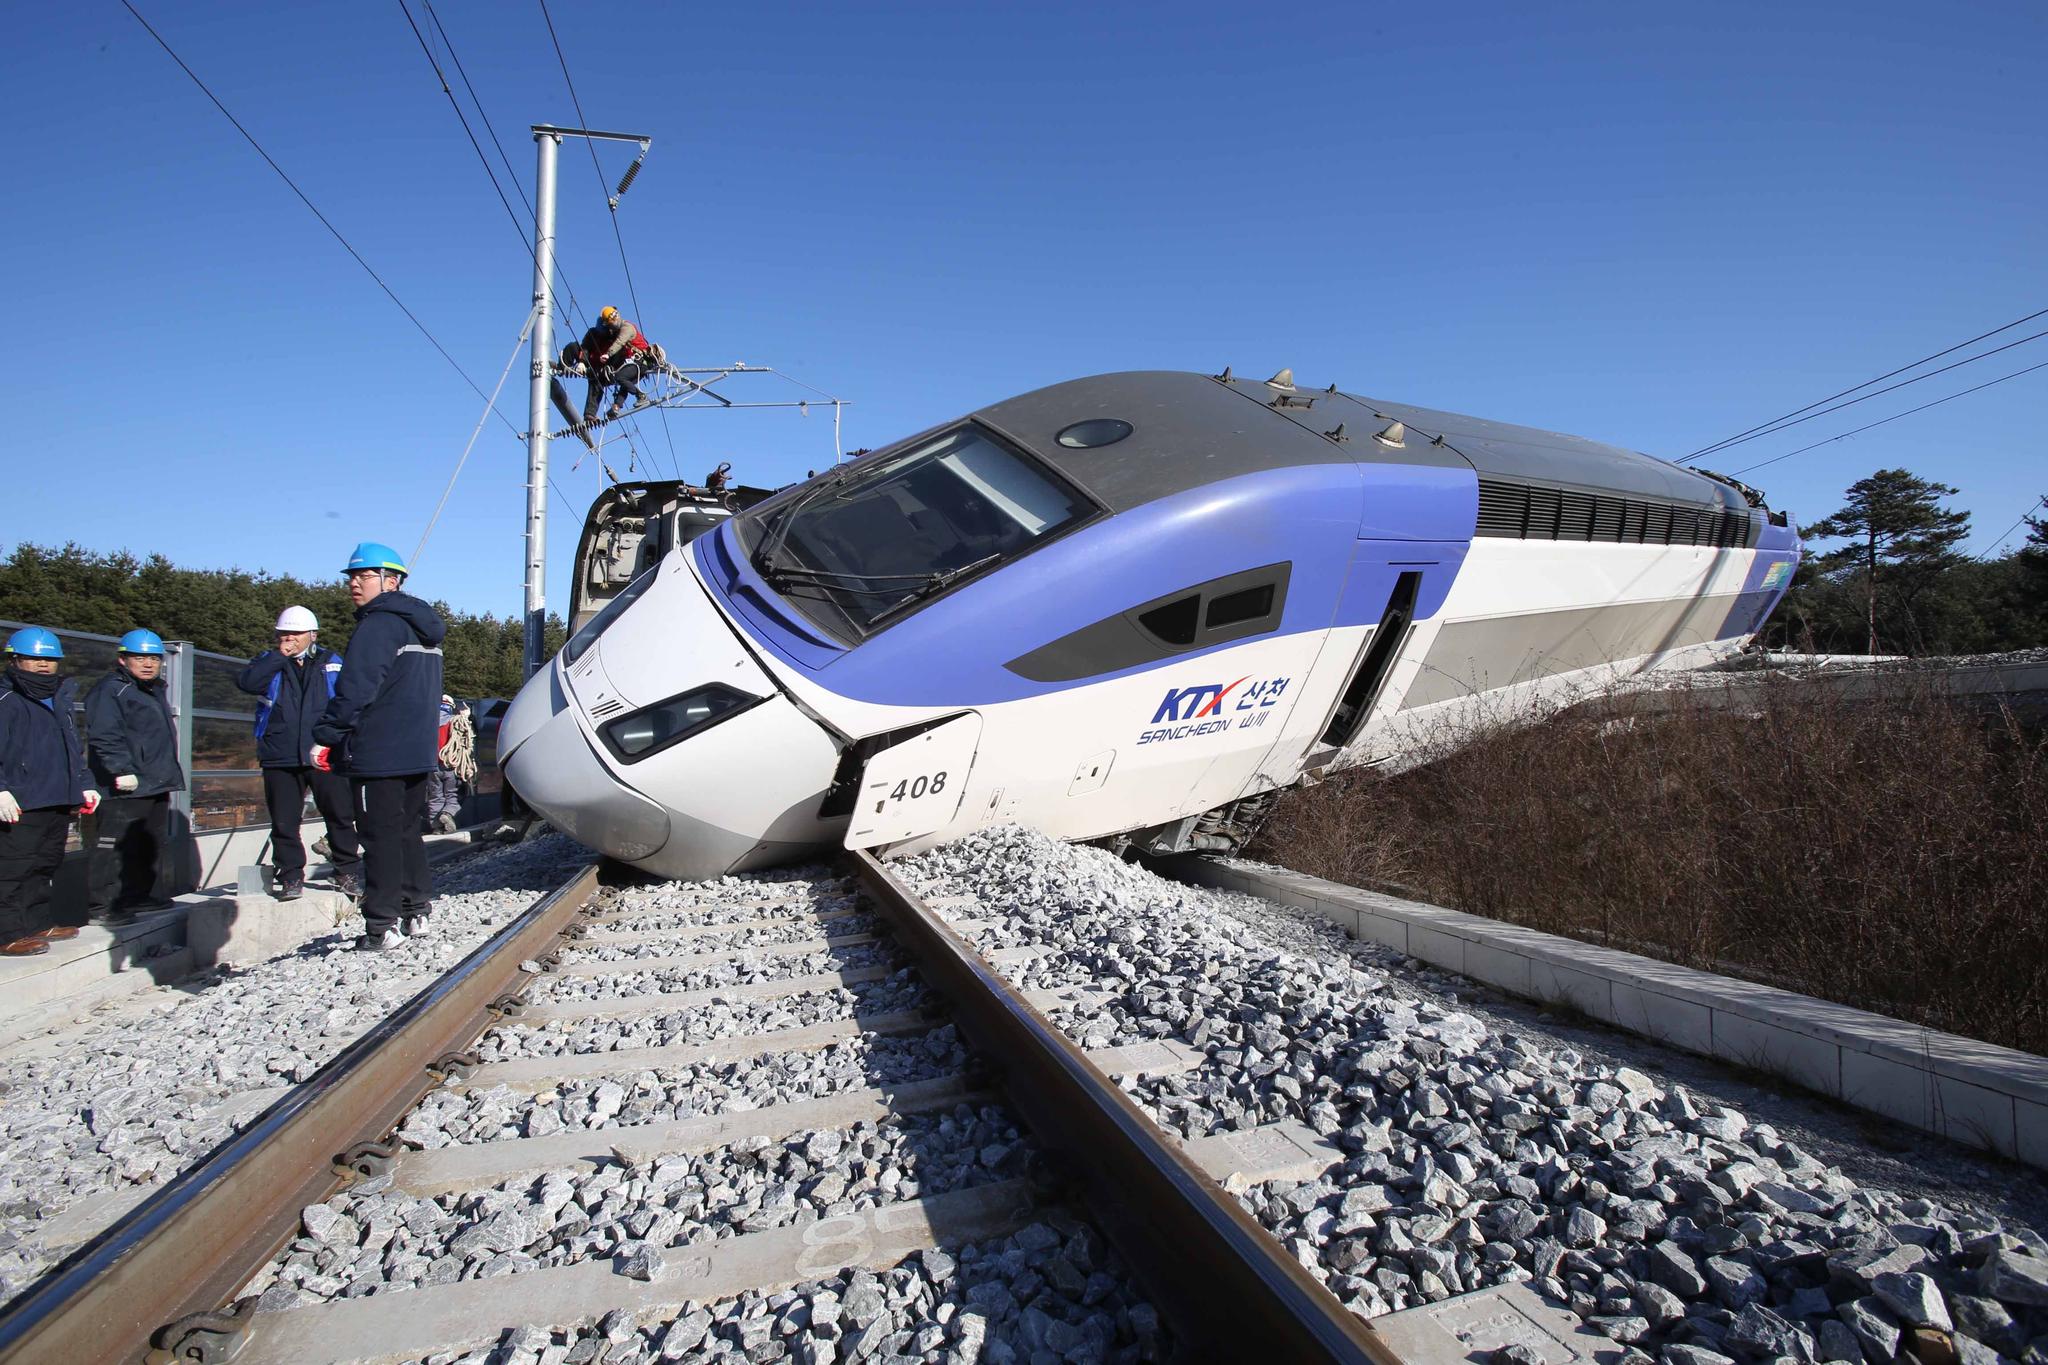 지난해 12월 8일 발생한 서울행 KTX 산천의 탈선사고 현장. [사진 뉴시스]